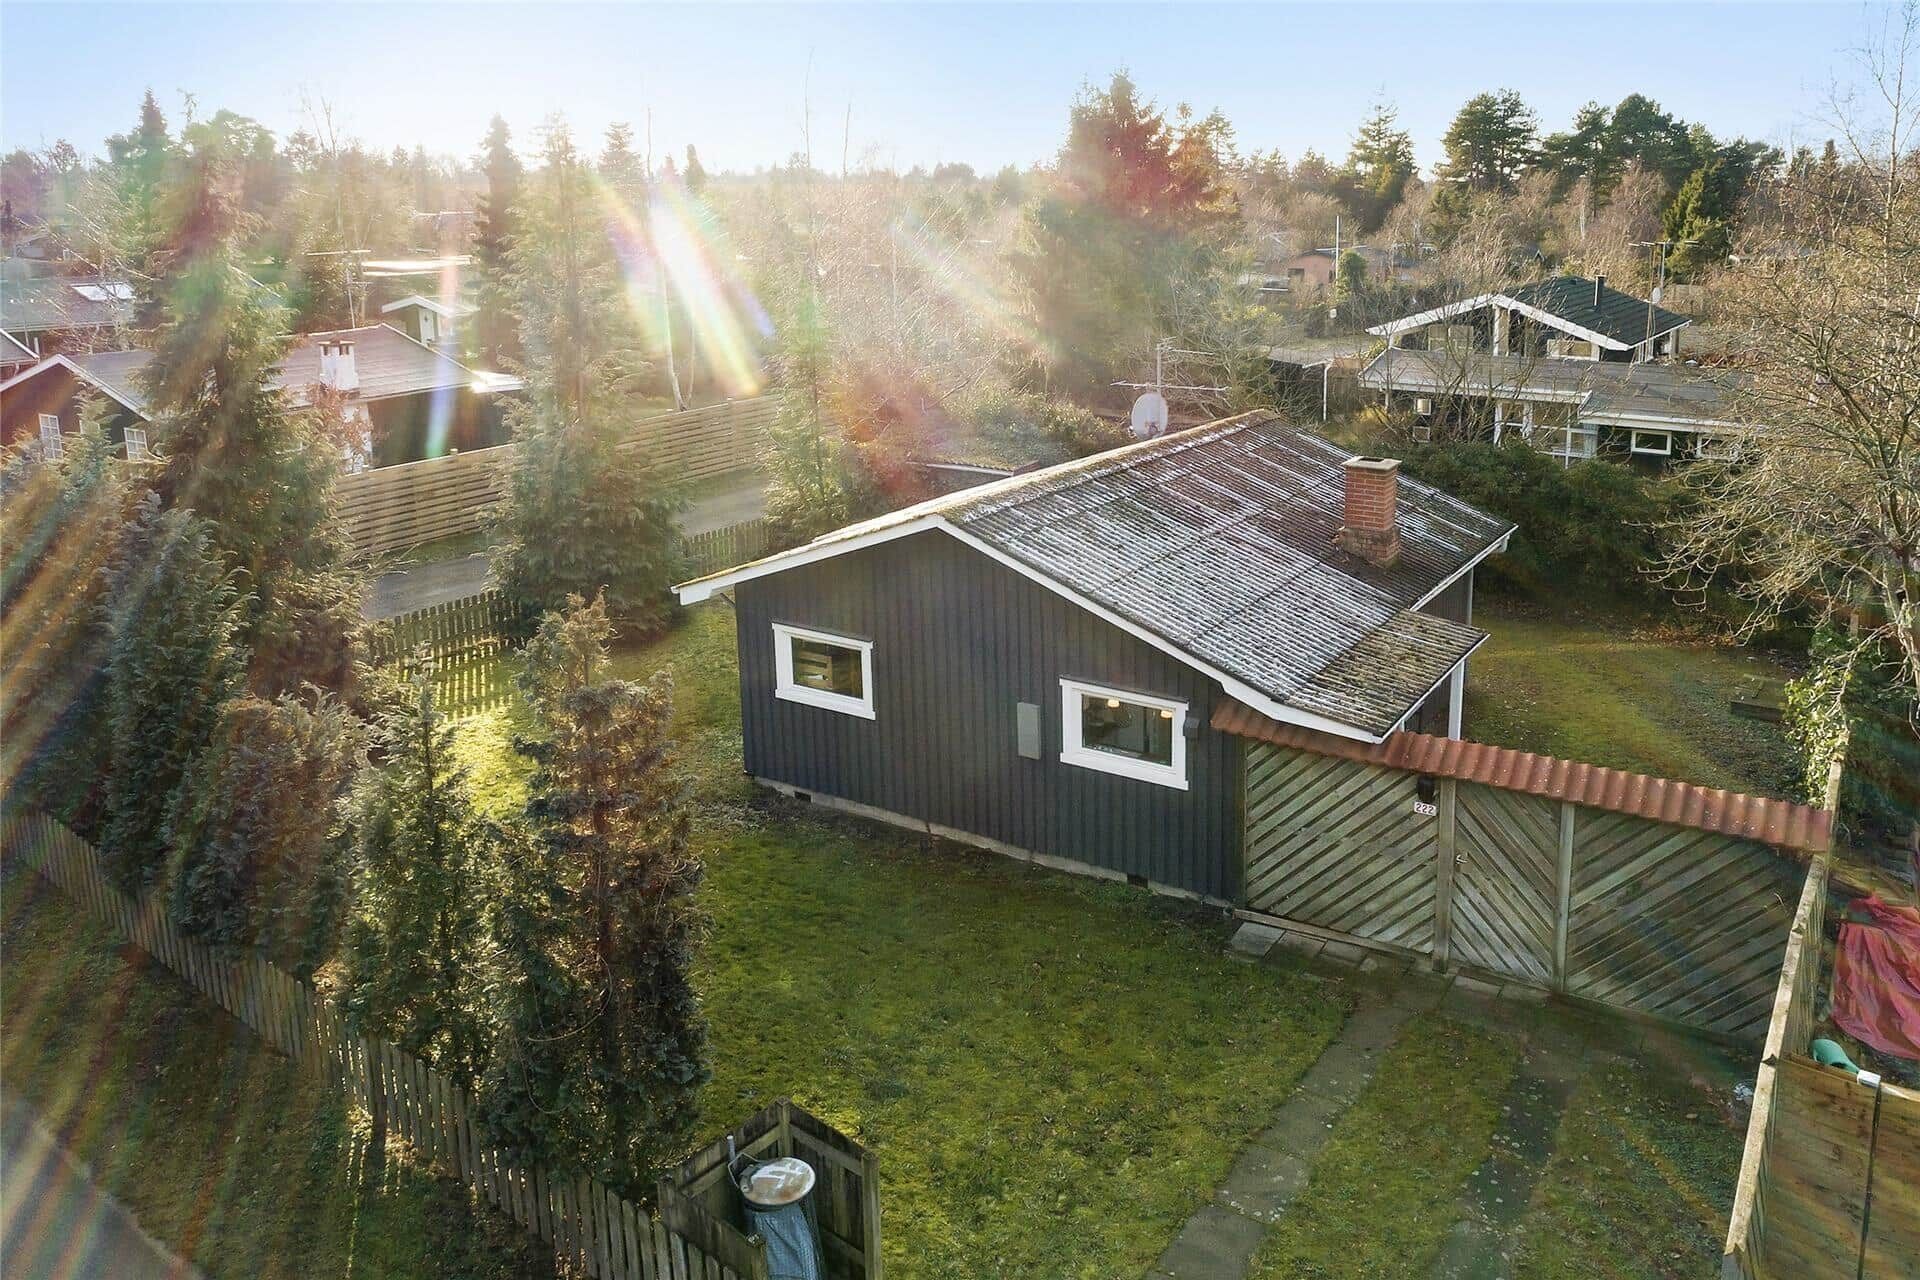 Billede 1-174 Sommerhus M17020, Bøtøvej 222, DK - 4873 Væggerløse